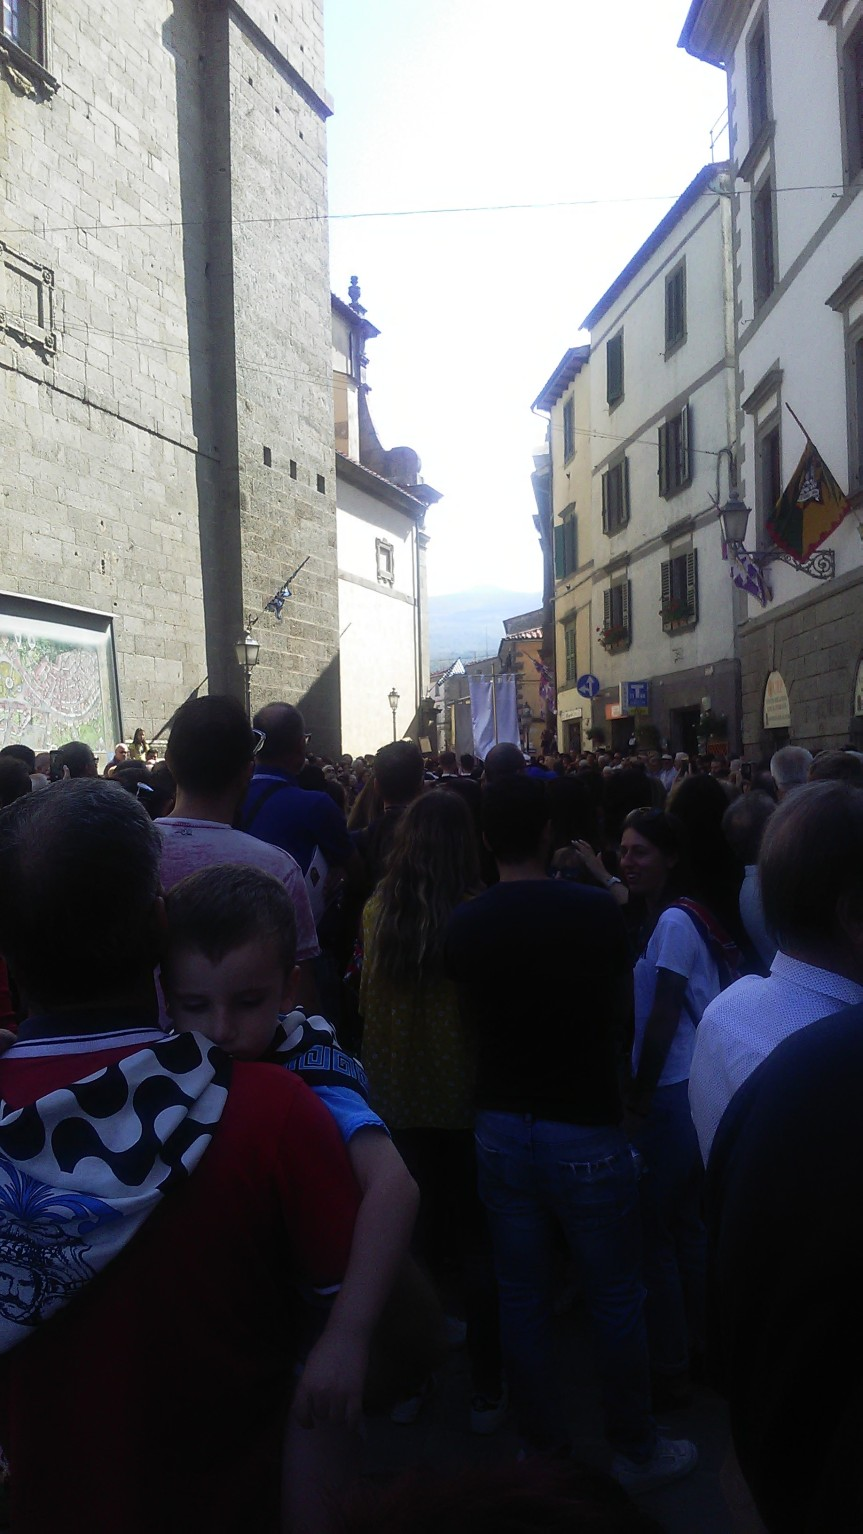 Palio di Castel del Piano: In corso di svolgimento la Sfilata delleContrade